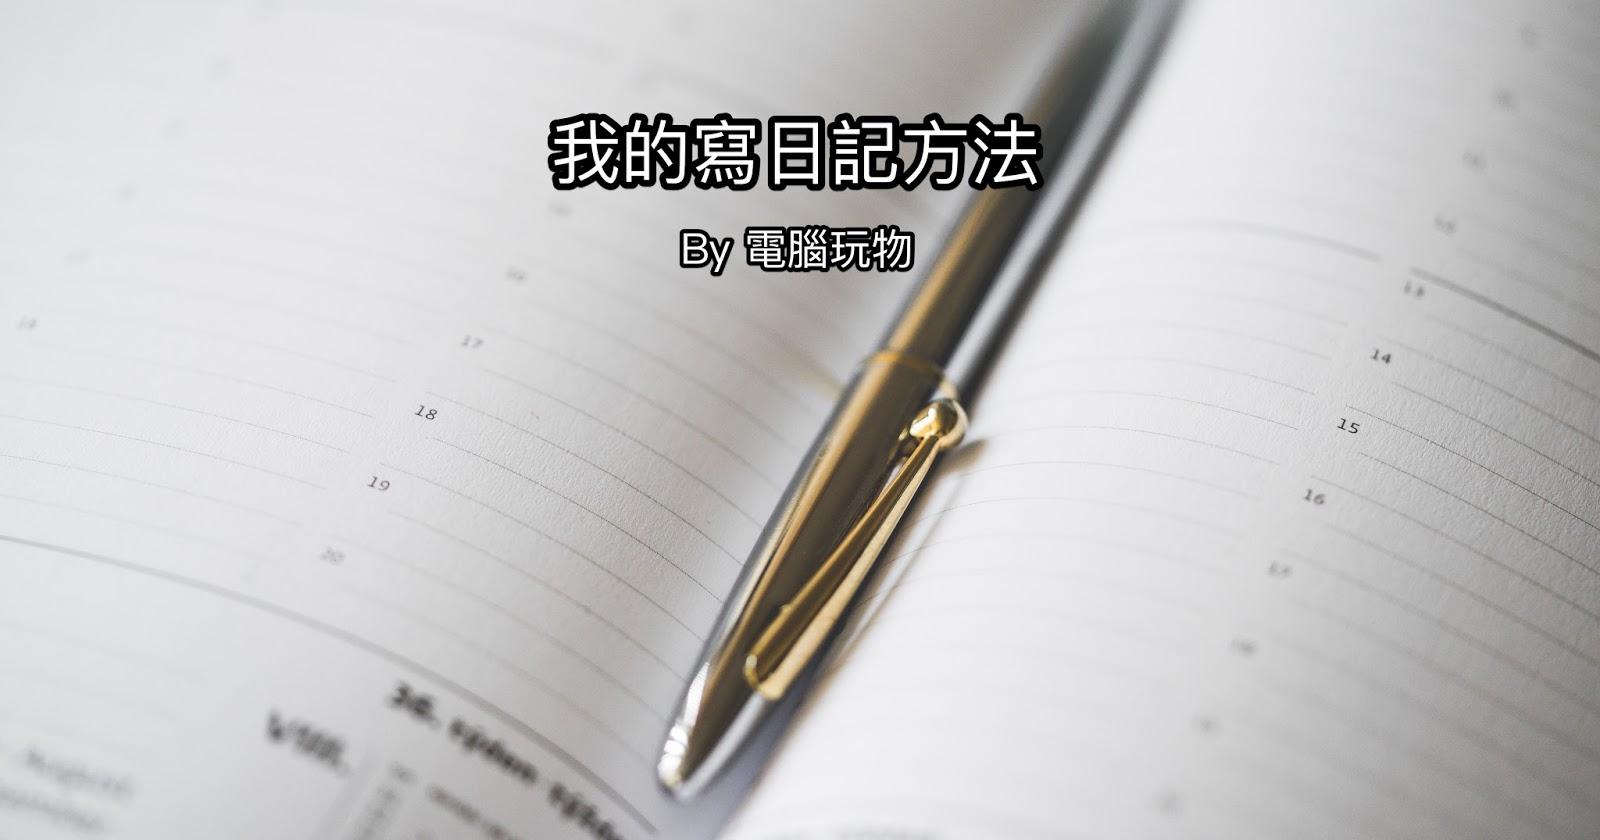 [筆記術-10] 如果你無法養成寫日記習慣,試試我的寫日記方法